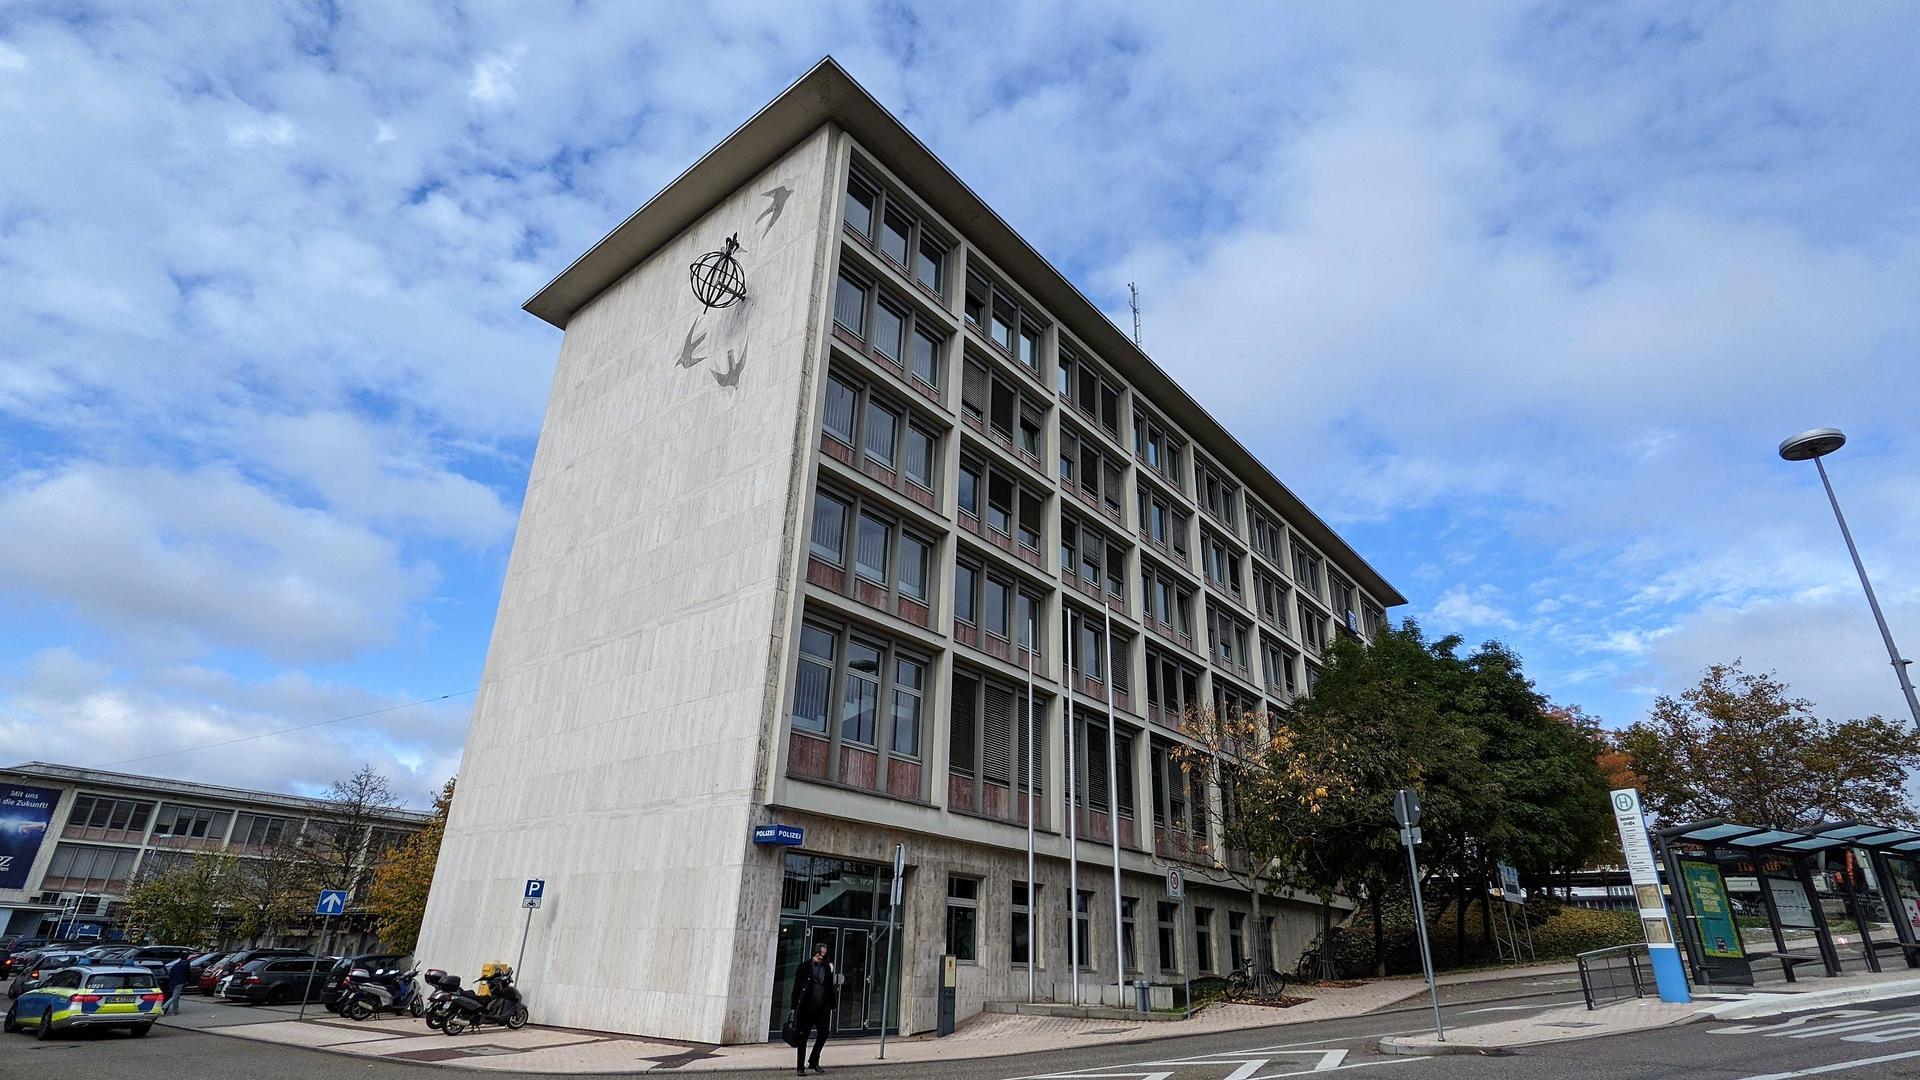 Polizeipräsidium Pforzheim, Bürogebäude